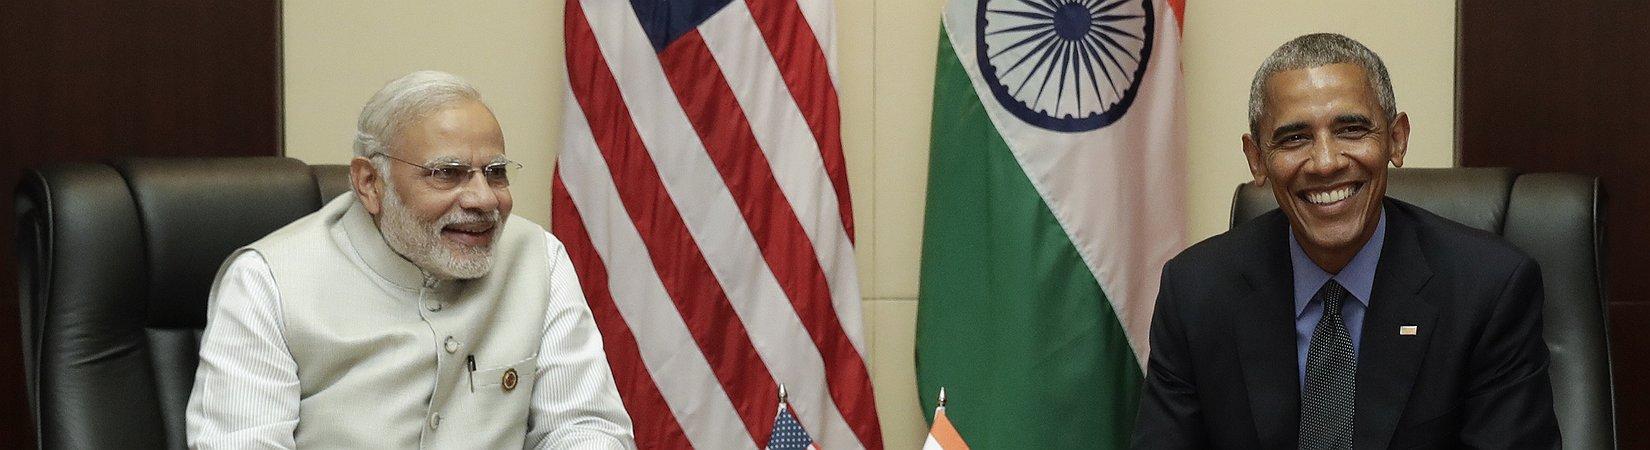 Obama e Modi encontram-se no Laos